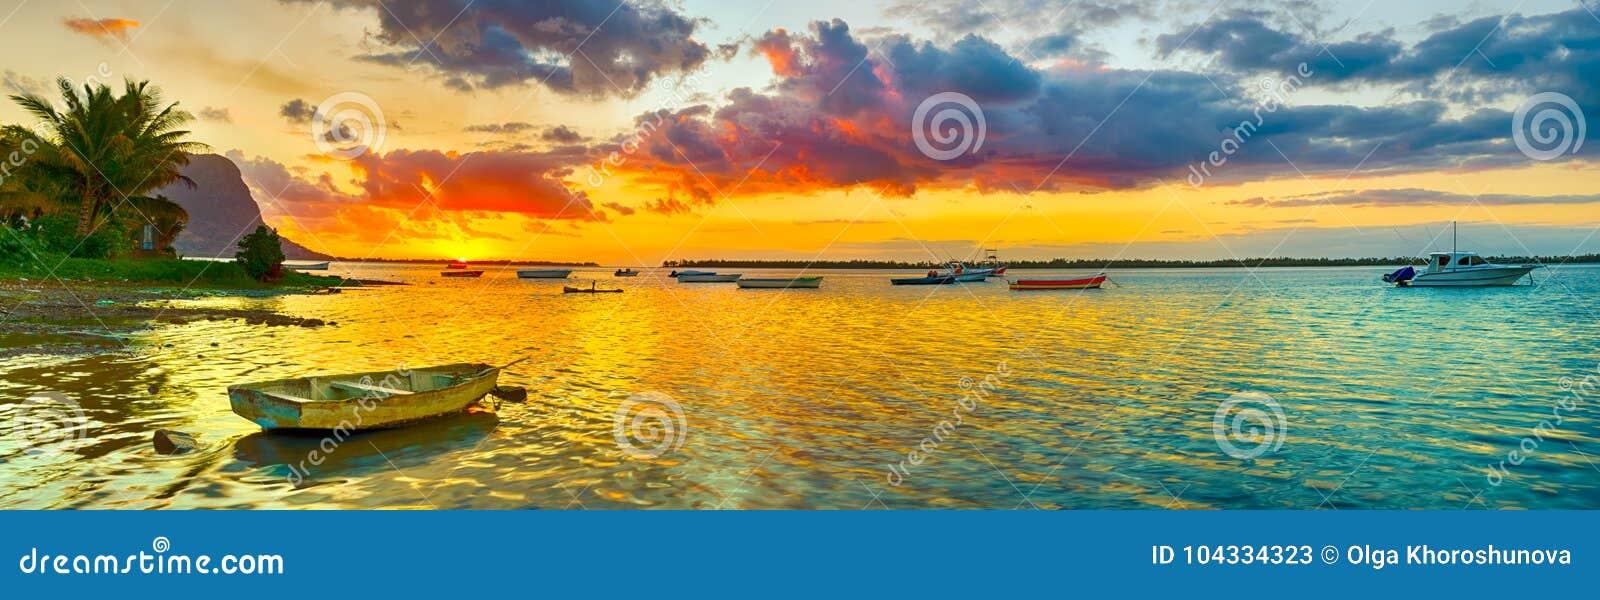 Barco de pesca no tempo do por do sol Le Amanhecer Brabante no fundo Pano